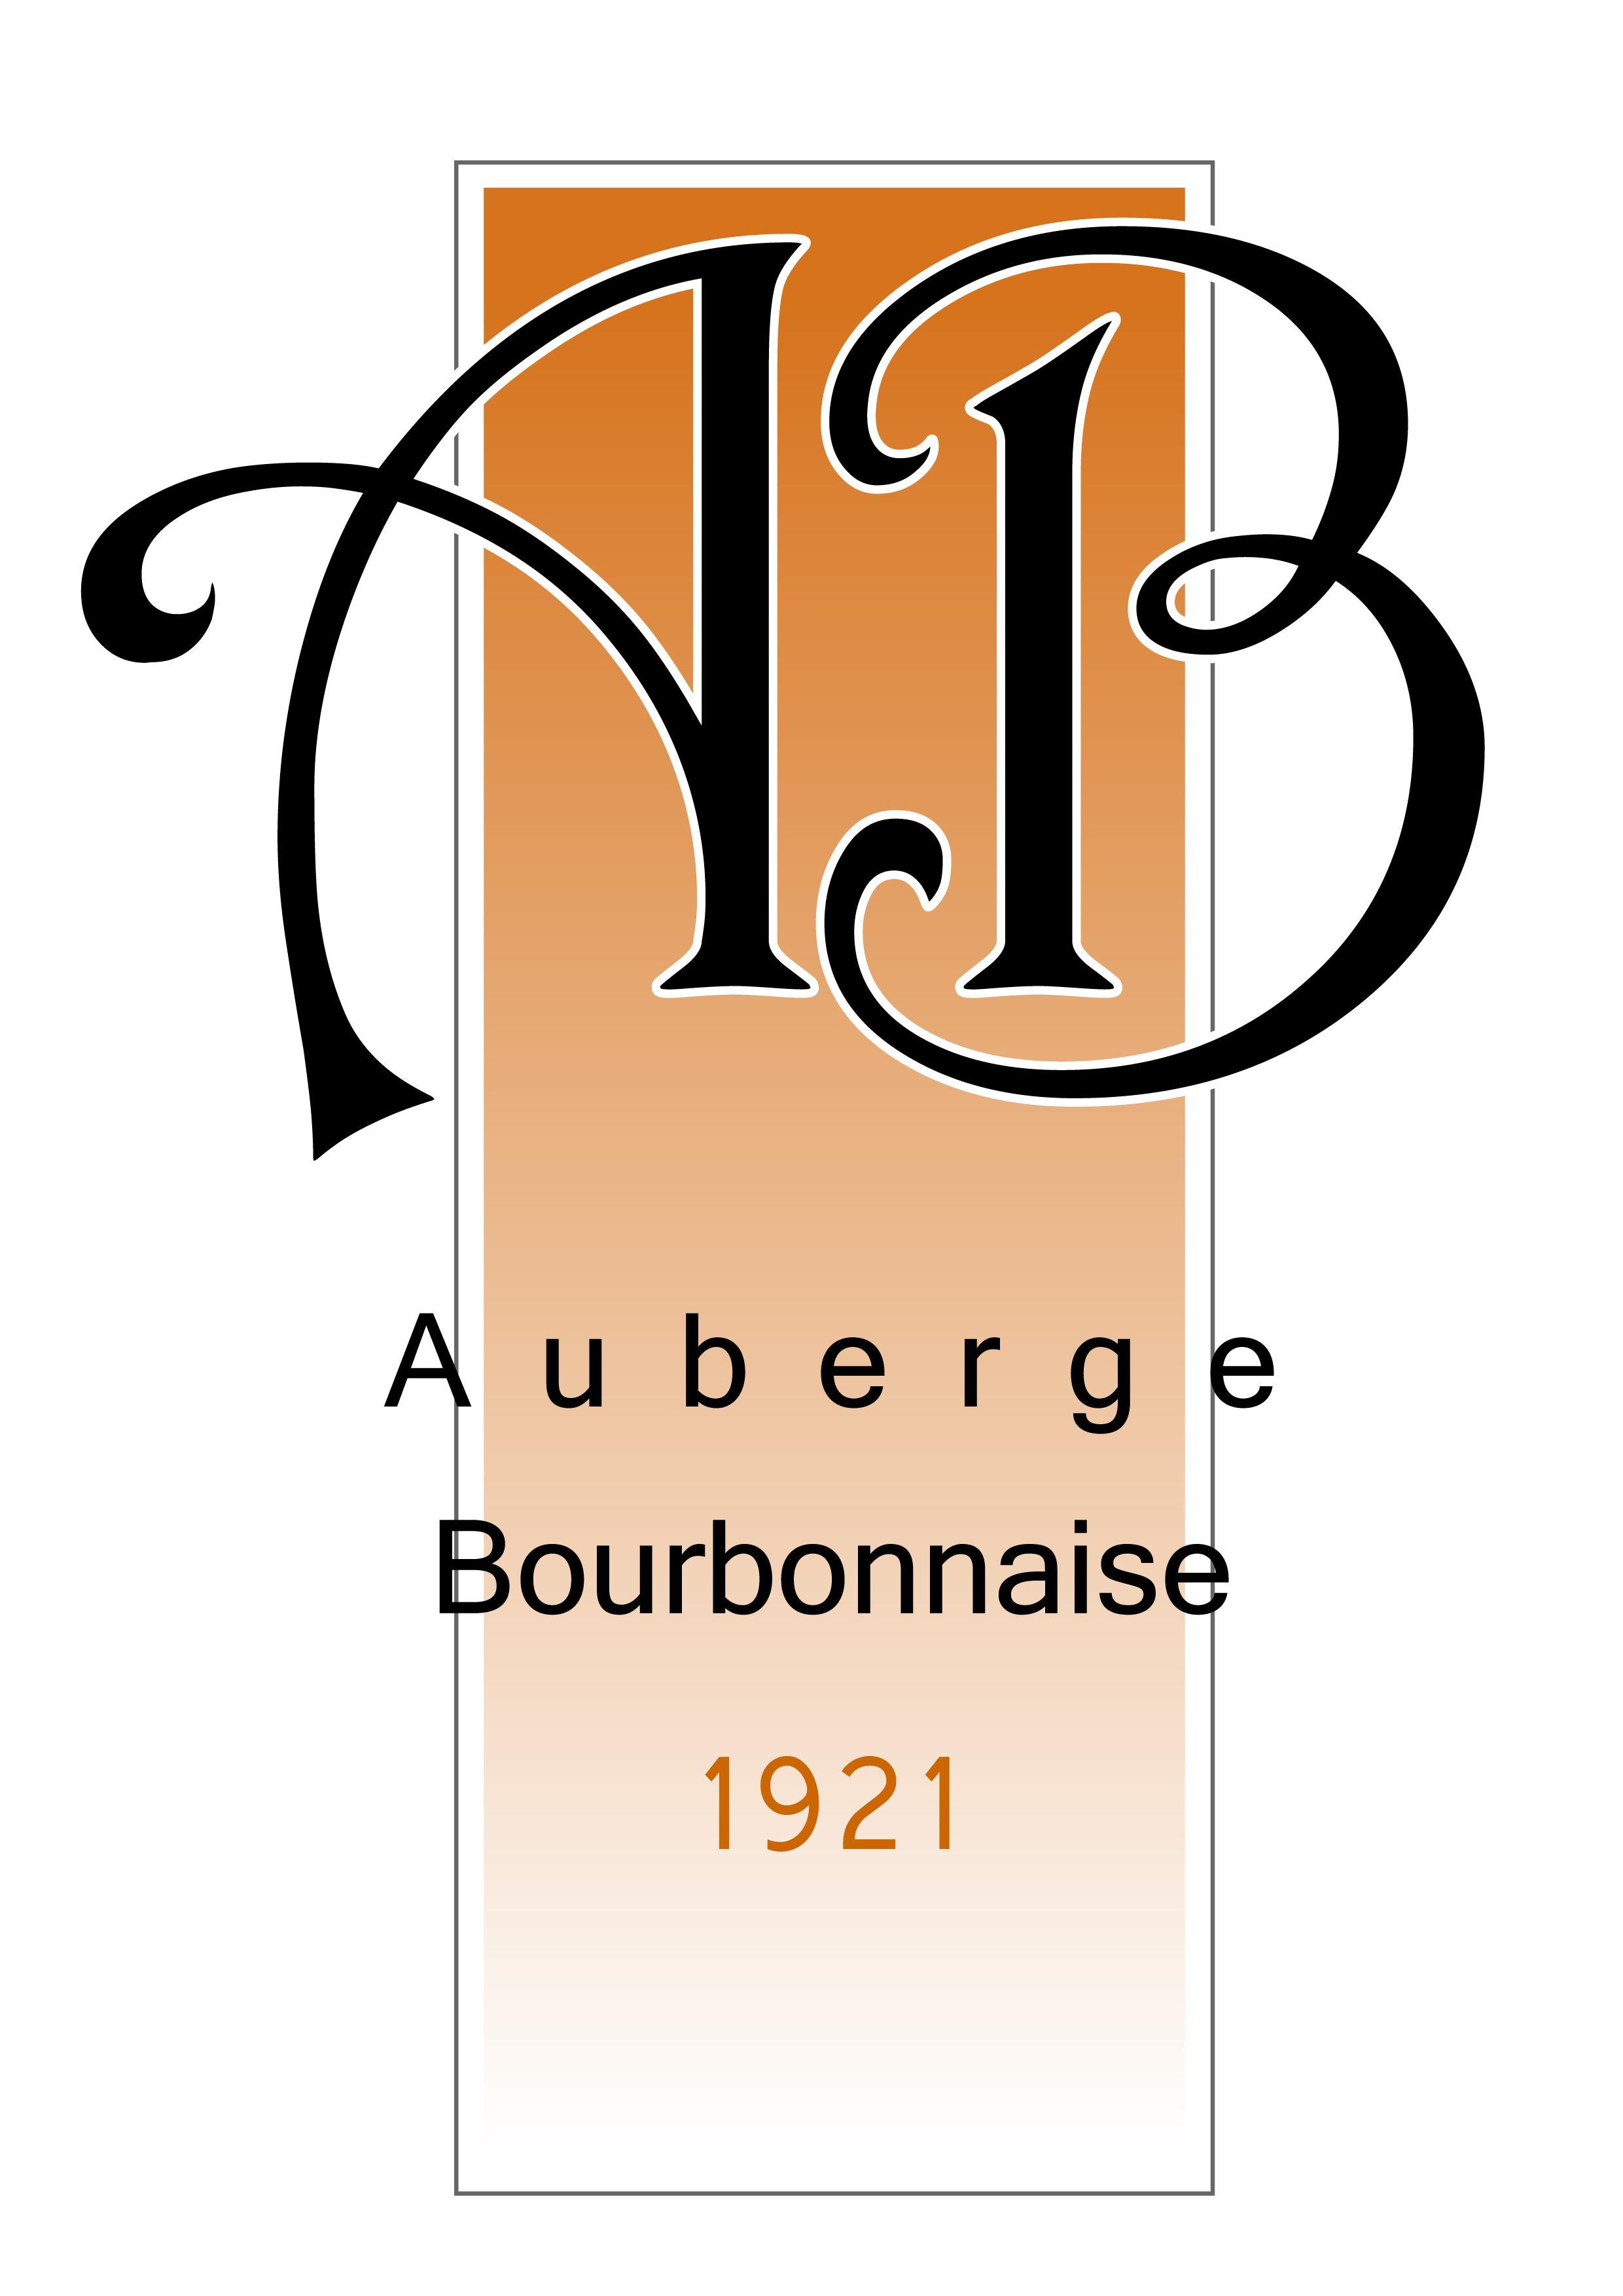 Auberge Bourbonnaise hôtel